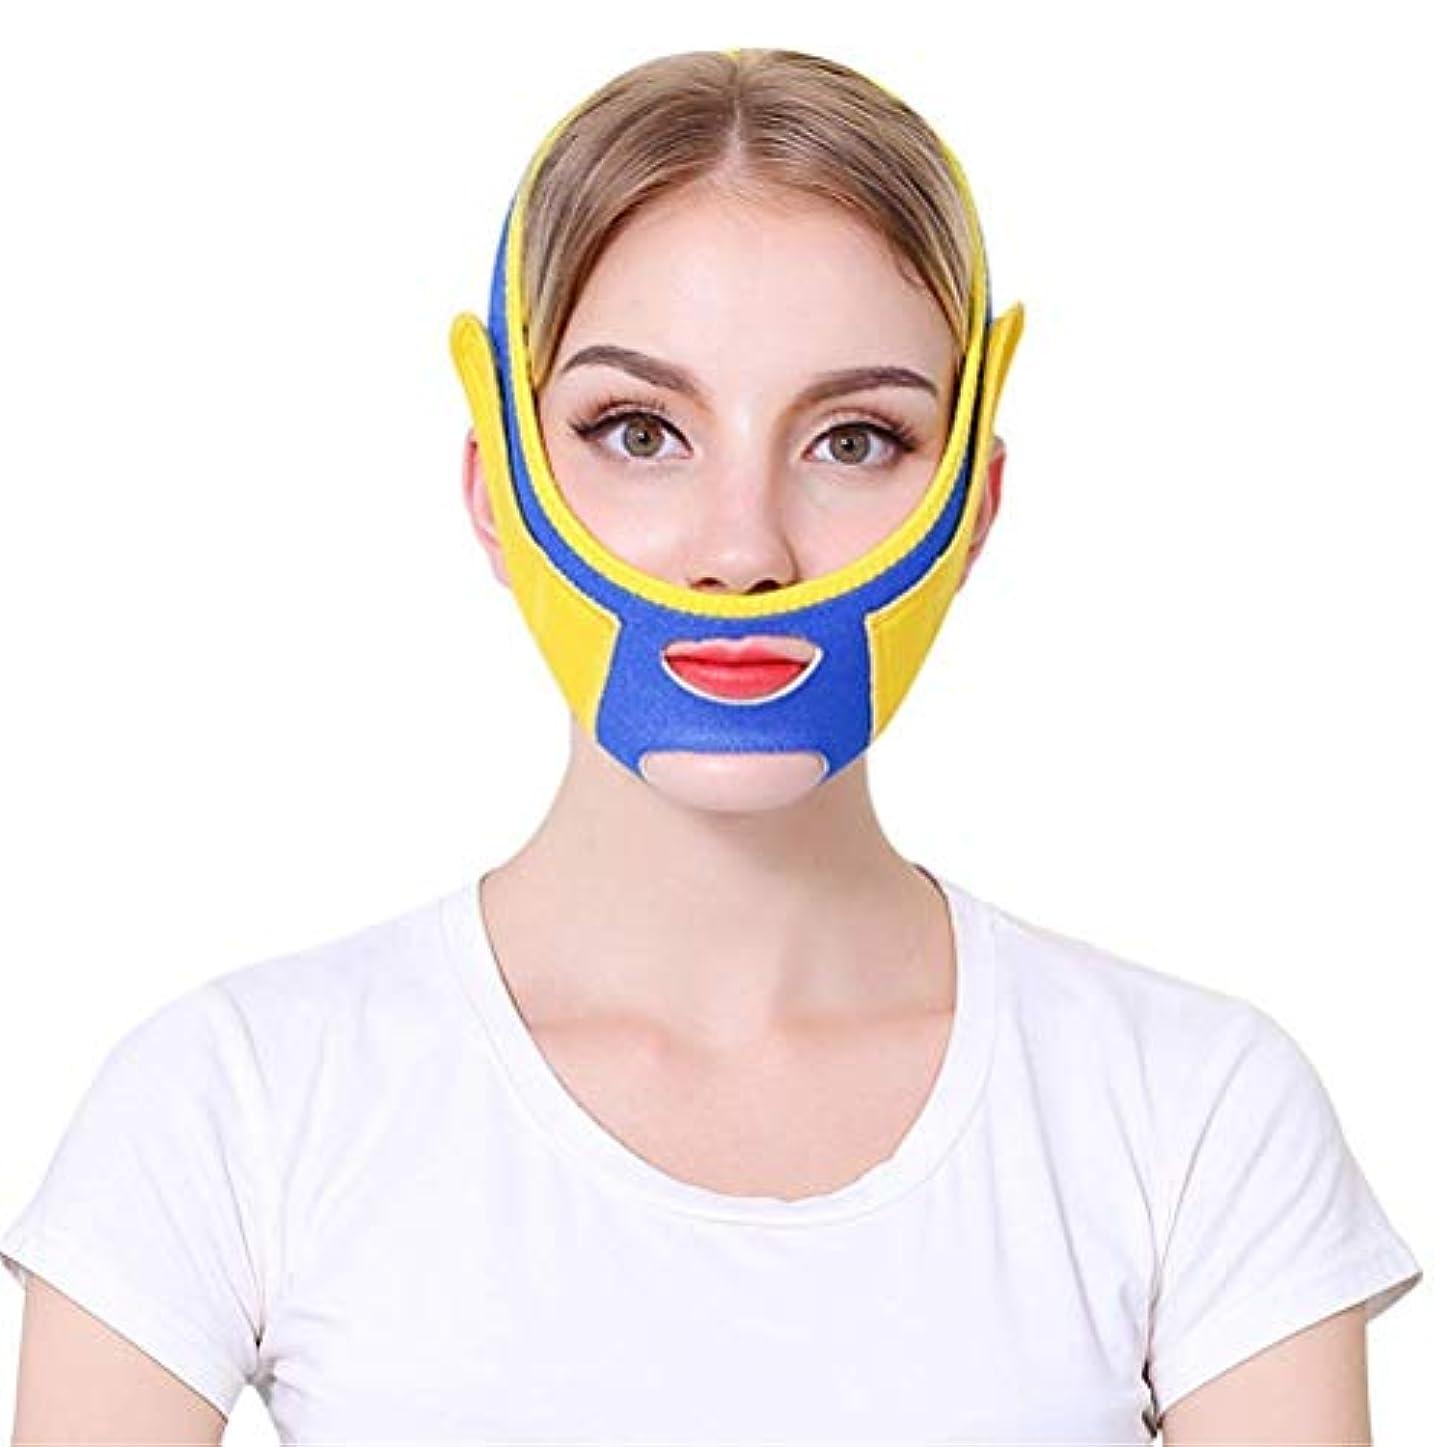 委託強風組み立てるWSJTT 女性のための顔のリフティングベルト、Vラインチンチークリフトアップバンドアンチリンクル包帯、フェイスリフティング/痩身/マスク包帯/スリープシンフェイス/マスクスリミング (Color : Blue)